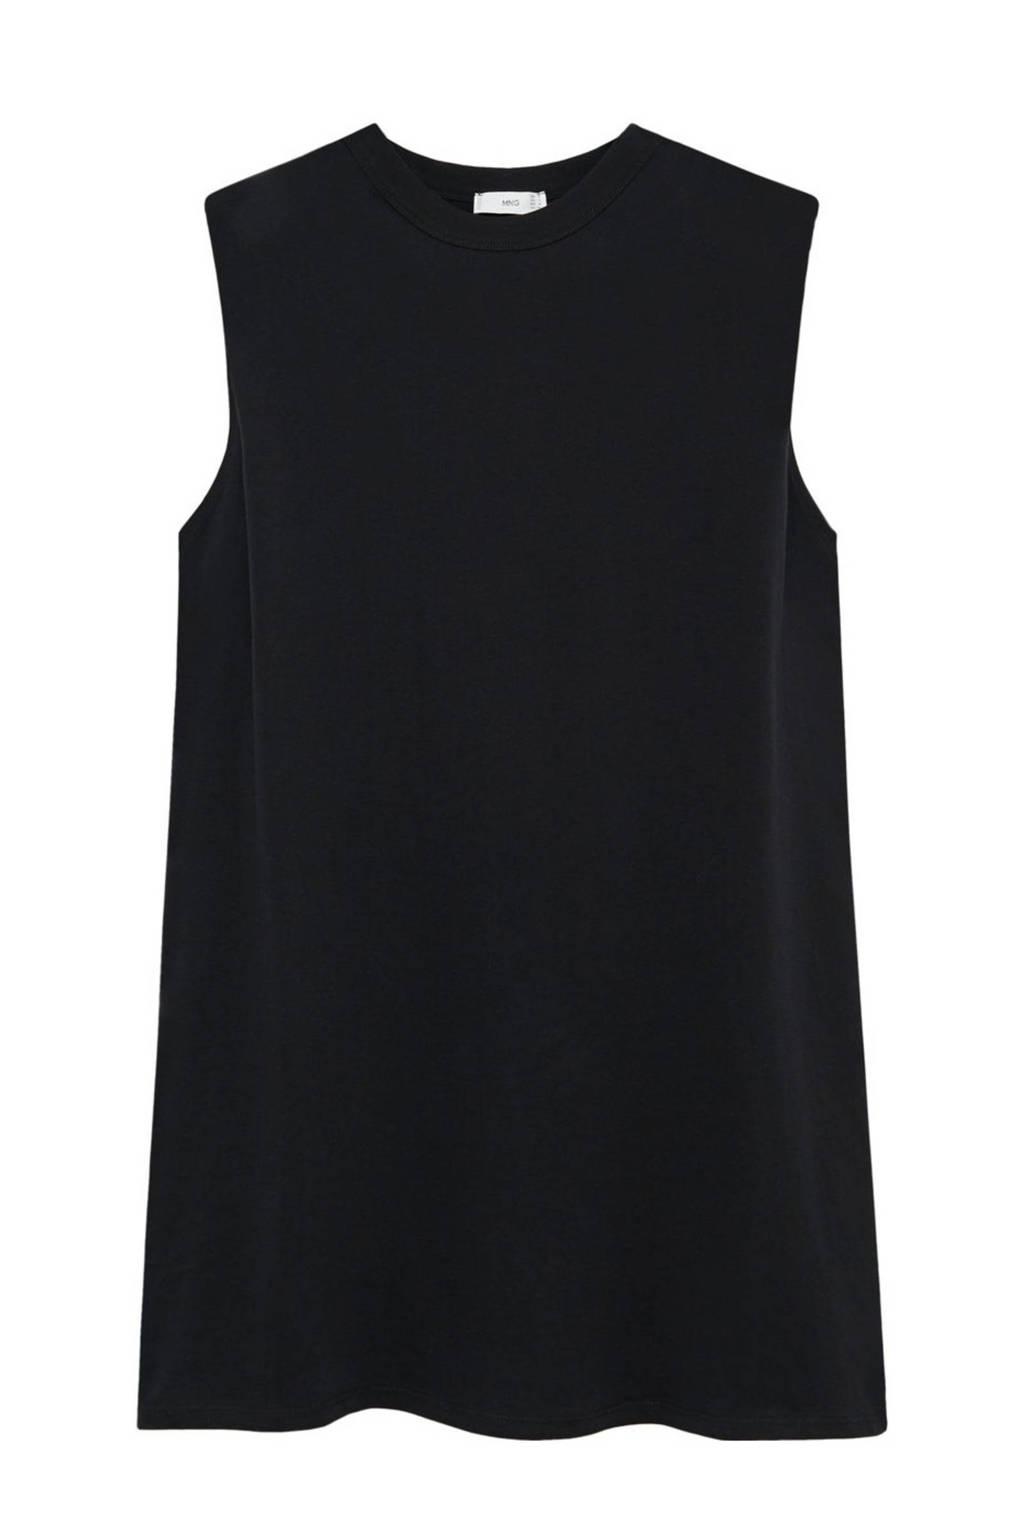 Mango T-shirtjurk zwart, Zwart